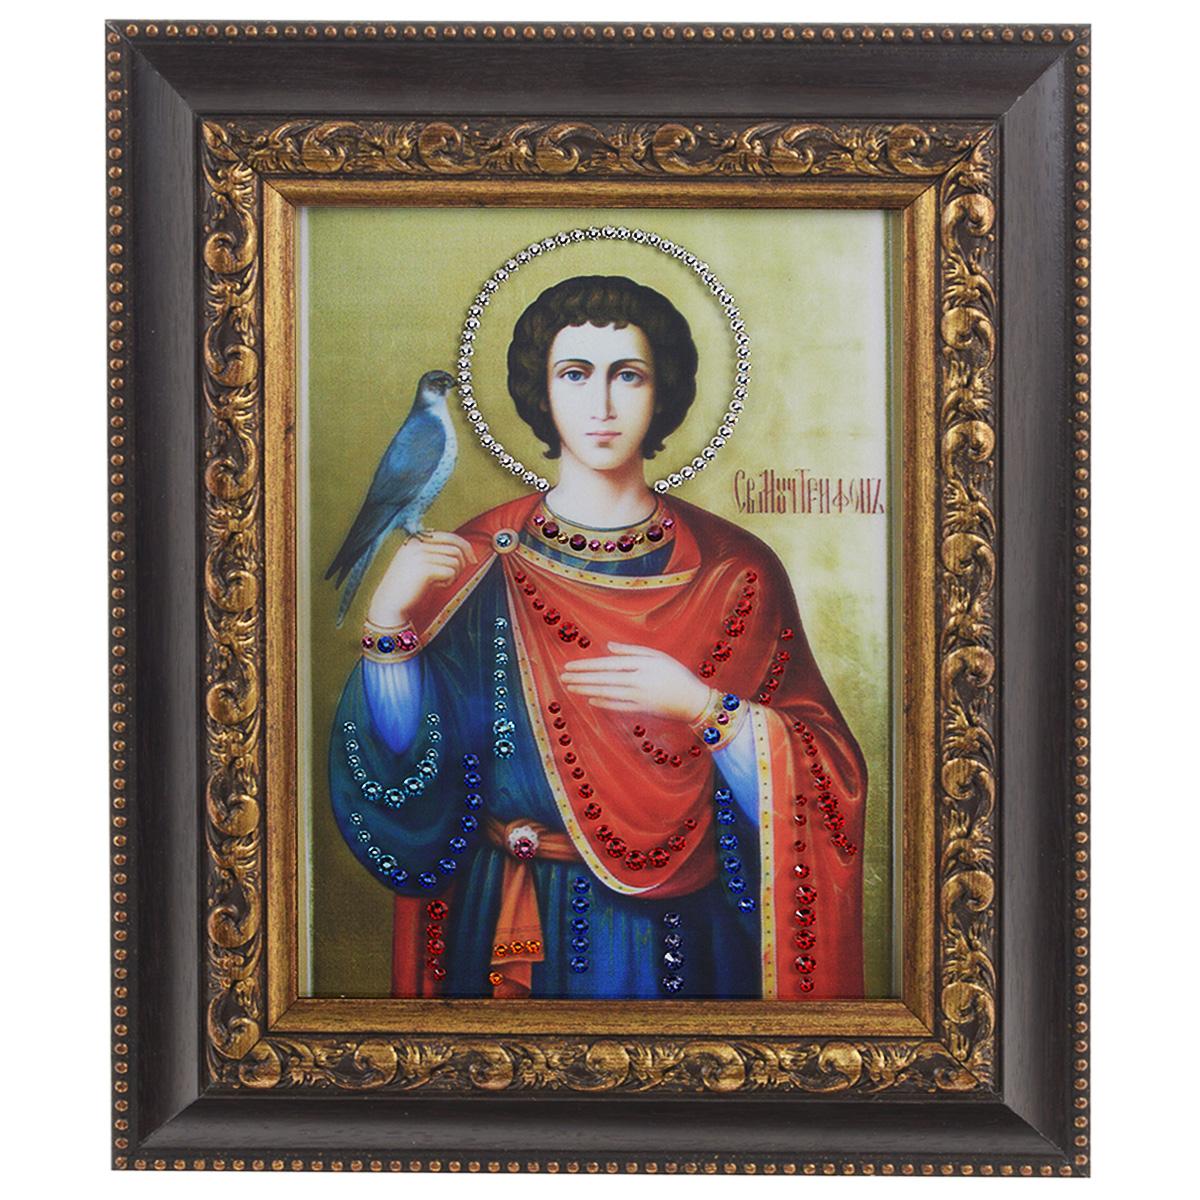 Картина с кристаллами Swarovski Икона. Святой Трифон, 22,5 см х 27,5 см1390Изящная картина в багетной раме, инкрустирована кристаллами Swarovski, которые отличаются четкой и ровной огранкой, ярким блеском и чистотой цвета. Красочное изображение иконы - Святой Трифон, расположенное на внутренней стороне стекла, прекрасно дополняет блеск кристаллов. С обратной стороны имеется металлическая проволока для размещения картины на стене. Картина с кристаллами Swarovski Икона. Святой Трифон элегантно украсит интерьер дома или офиса, а также станет прекрасным подарком, который обязательно понравится получателю. Блеск кристаллов в интерьере, что может быть сказочнее и удивительнее. Картина упакована в подарочную картонную коробку синего цвета и комплектуется сертификатом соответствия Swarovski.